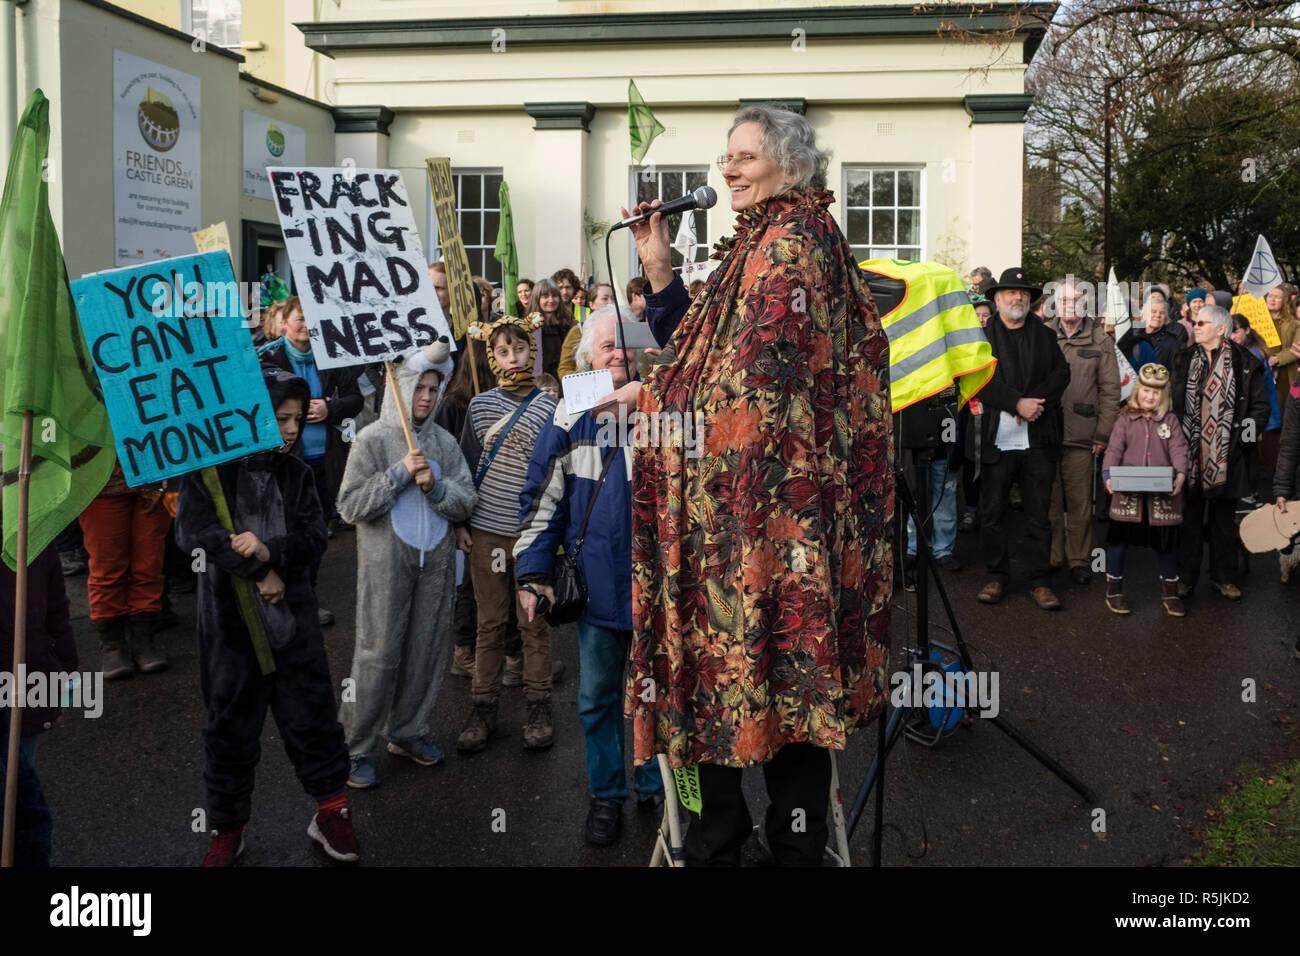 Hereford, Royaume-Uni. 1er décembre 2018. Cathy Monkley, activiste climatique, s'exprimant lors d'une démonstration par il nouvelle succursale locale de l'Extinction du mouvement de rébellion dans cette ancienne ville de la cathédrale . Crédit: Alex Ramsay/Alamy Live News Banque D'Images